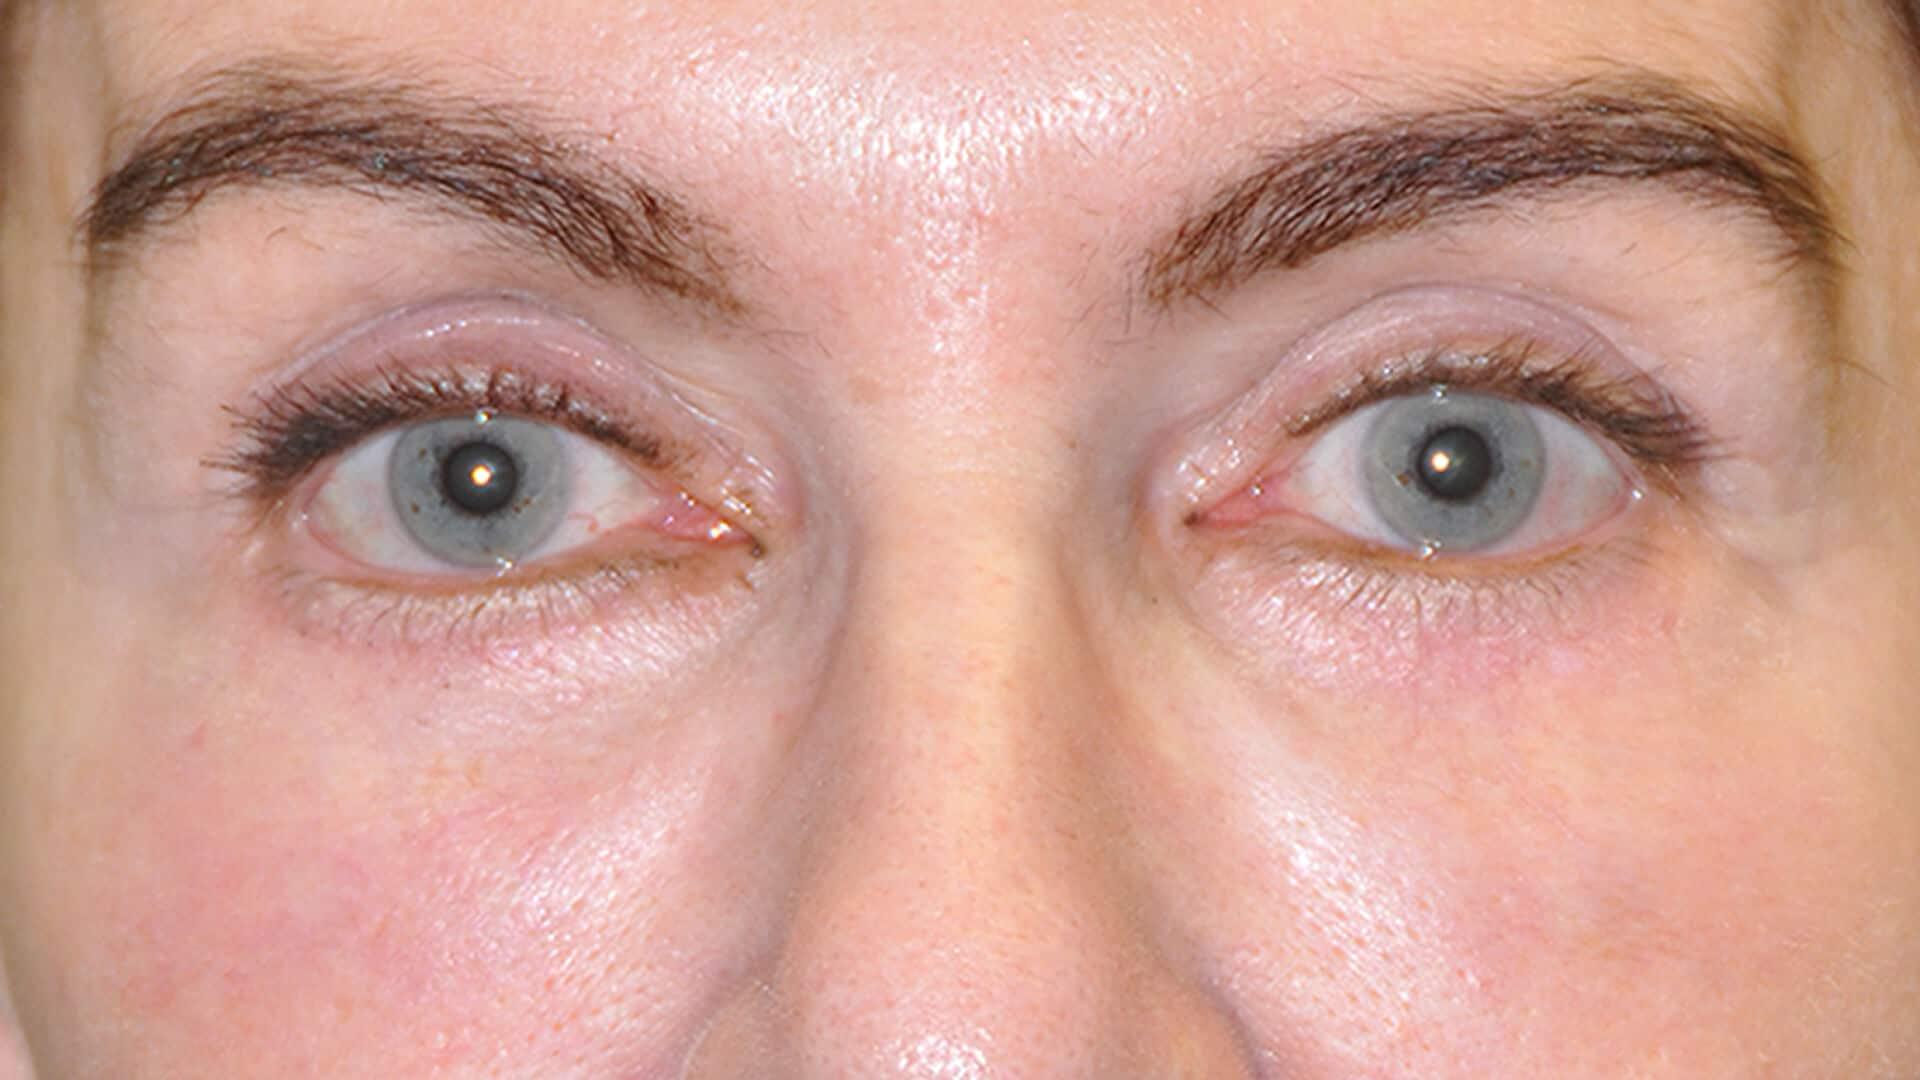 Case 35695 LowLid Blepharoplasty After